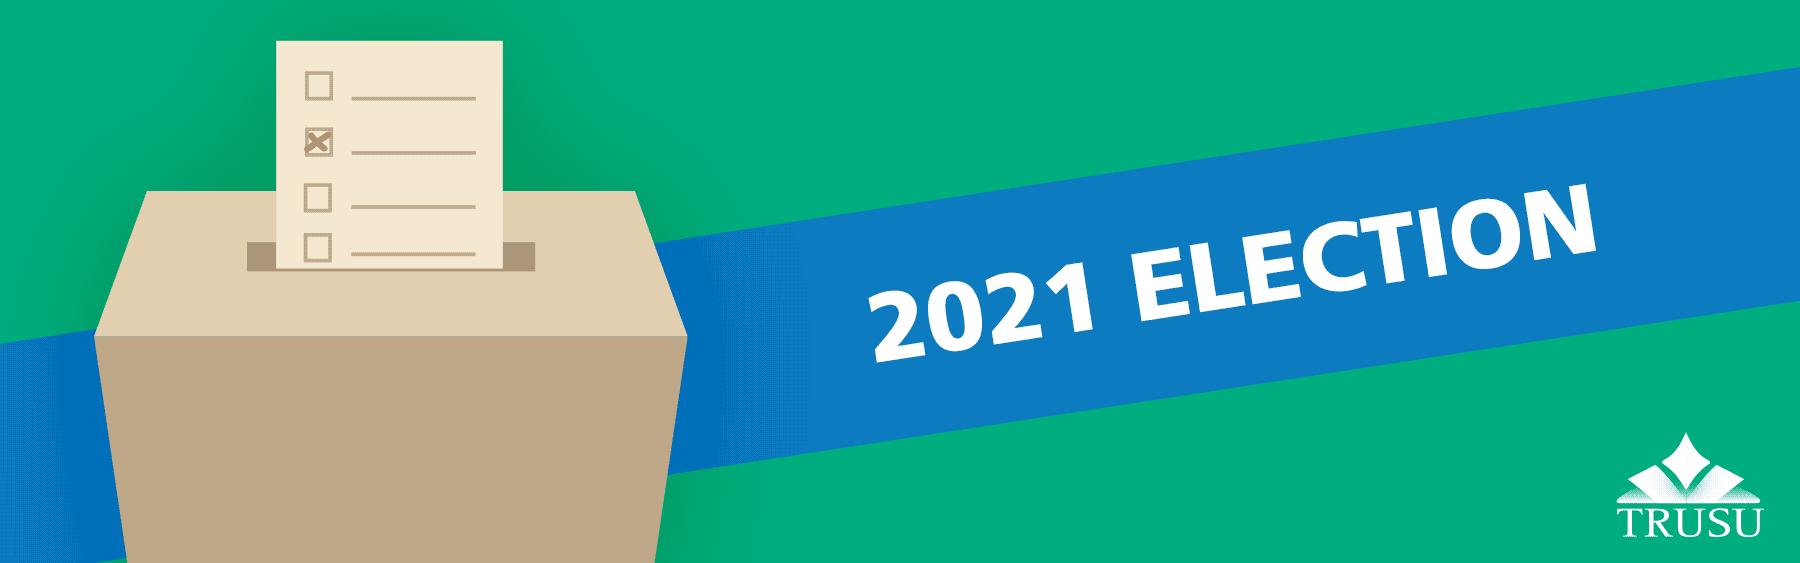 TRUSU Election 2021